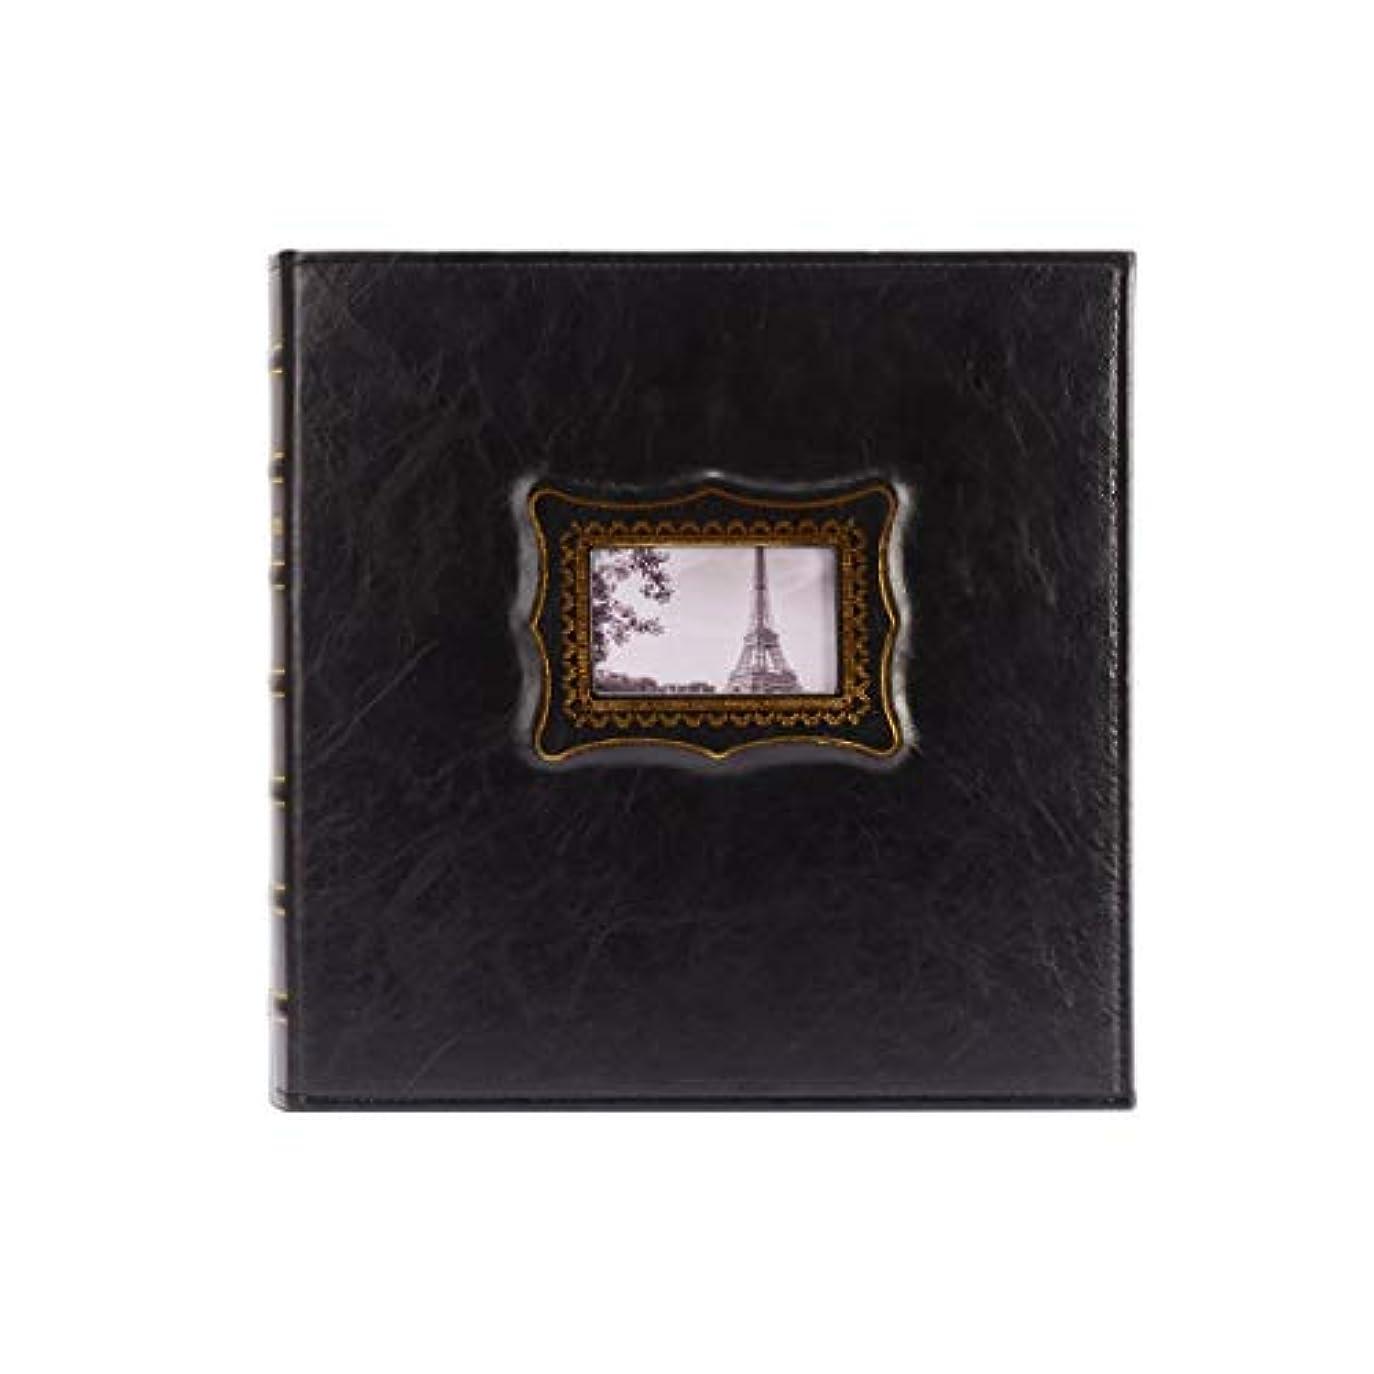 辞任回復する朝ZYZRYP 革のフォトアルバム、間質フォトアルバム、大容量のフォトアルバムは、6インチ/ 600写真、完璧な贈り物を収容することができ、家族の写真アルバム、 (Color : Black)